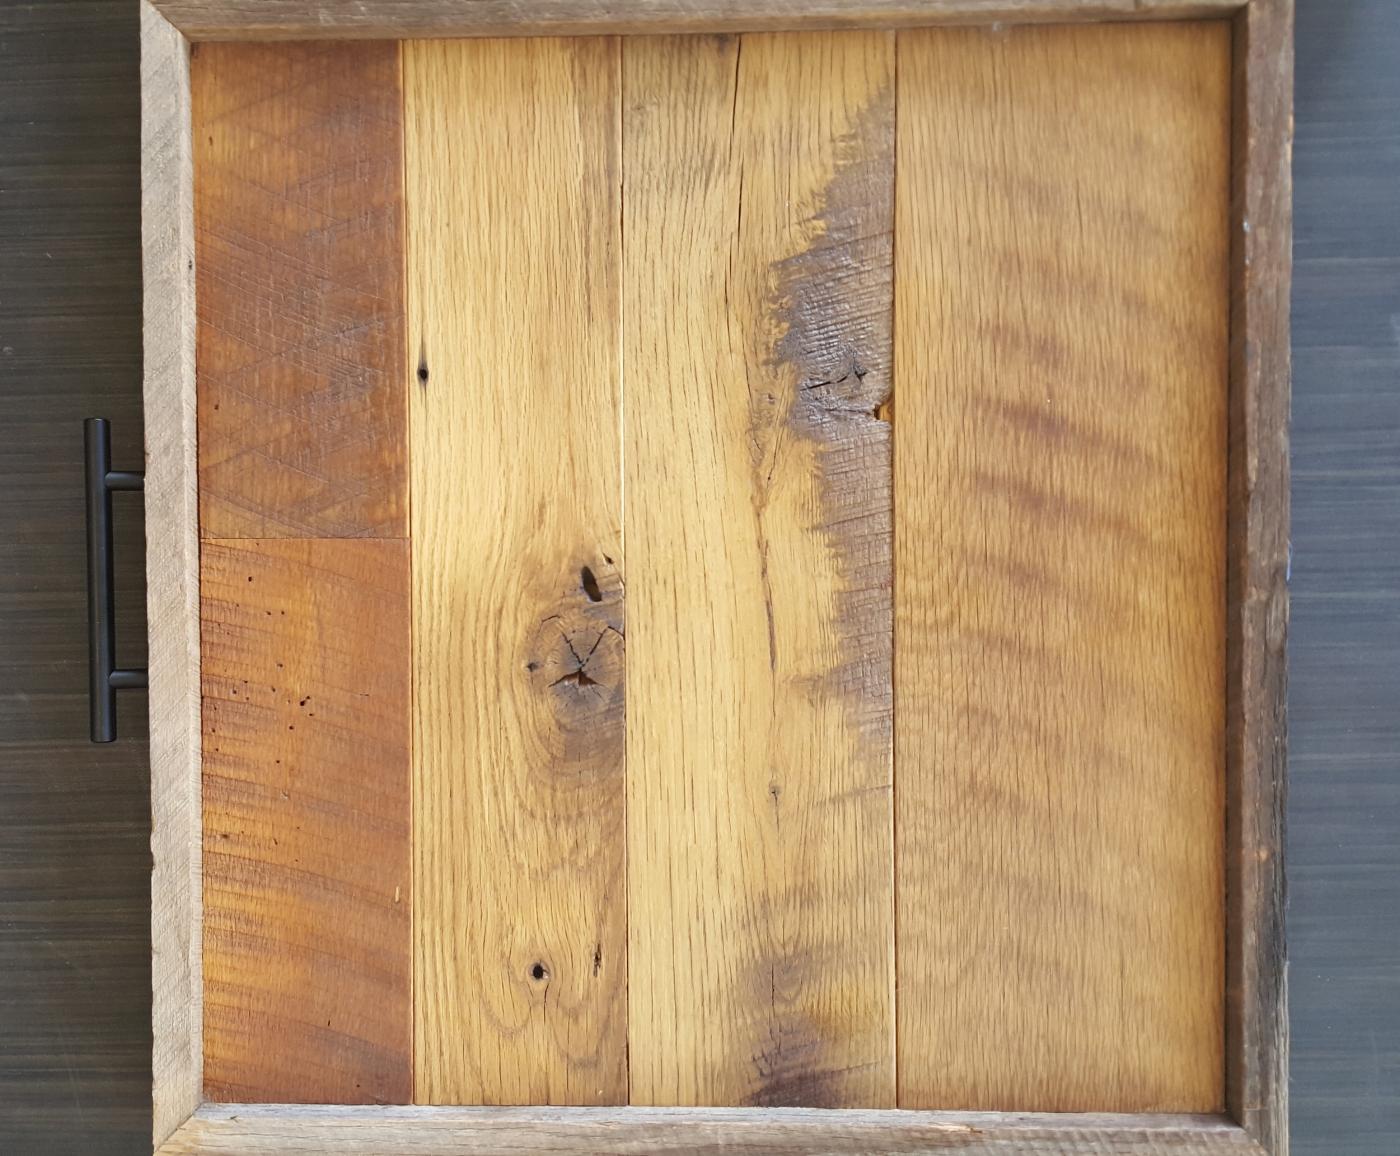 Repurposed hardwood